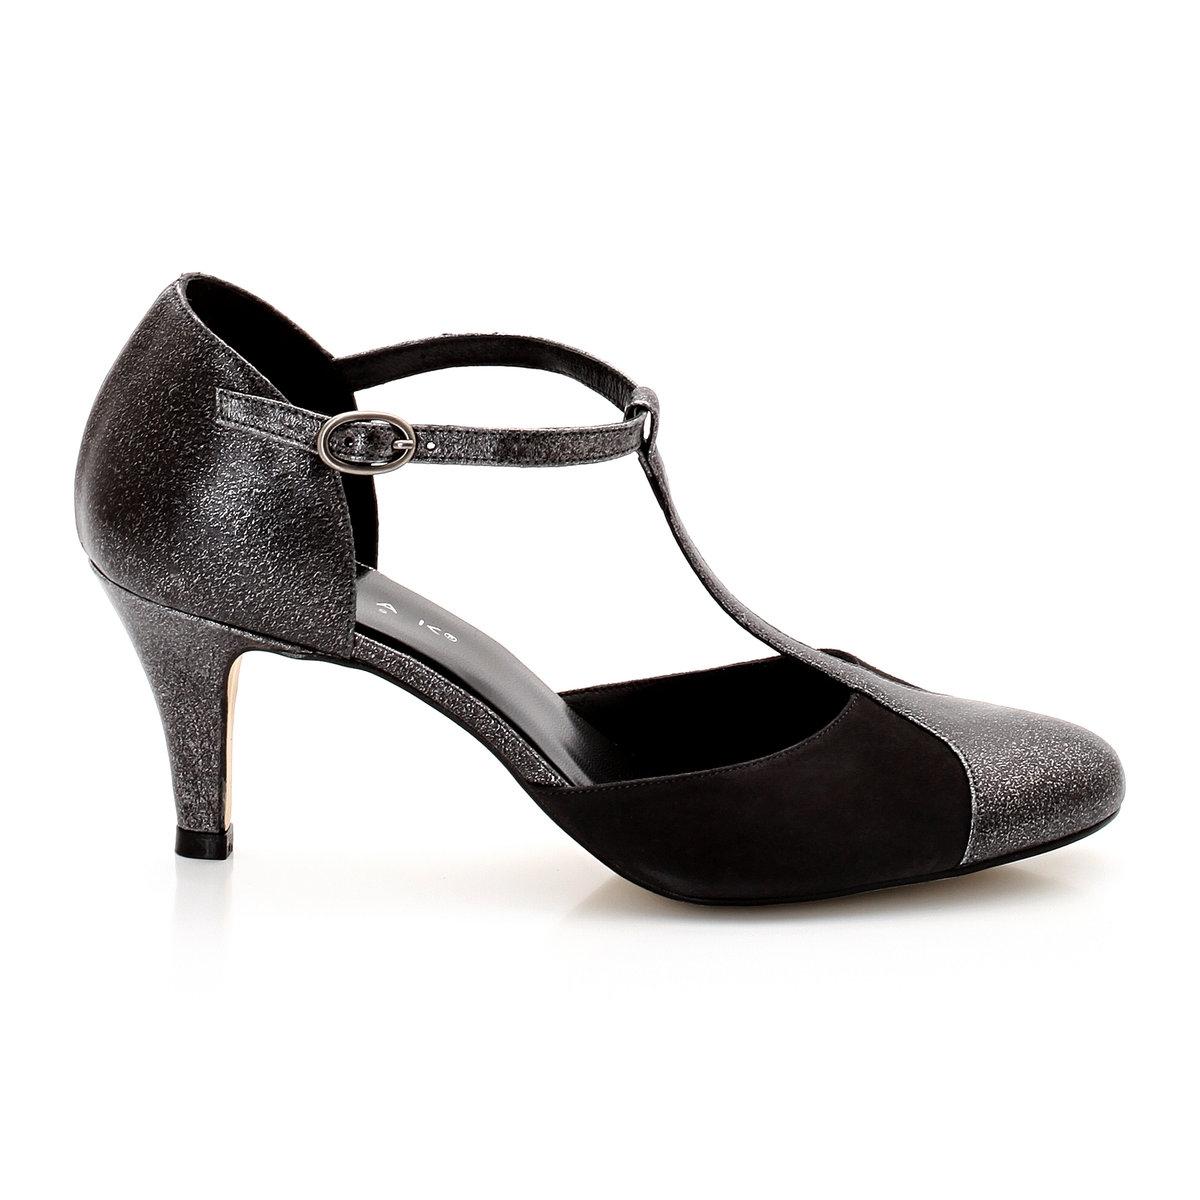 Туфли на каблуке JONAKТуфли на каблуке JONAK. Верх: коровья кожа. Подкладка и стелька: кожа. Подошва: из эластомера. Высота каблука: 7 см.<br><br>Цвет: каштановый<br>Размер: 39